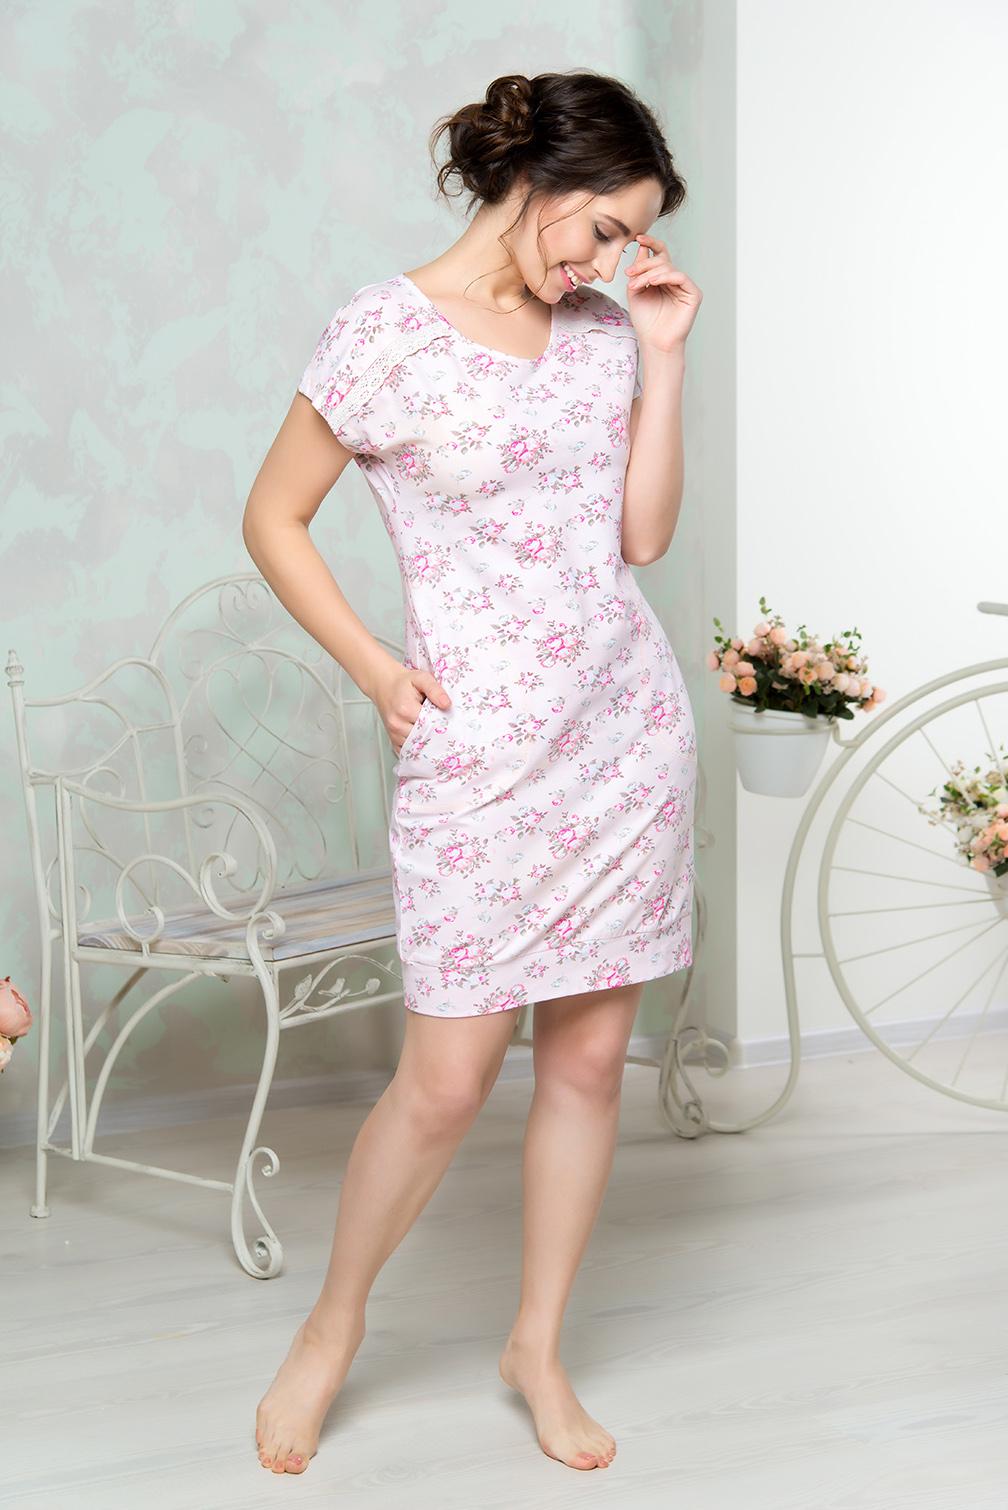 Платье домашнее Mia Cara, цвет: розовый. AW16-MCUZ-849. Размер 54/56AW16-MCUZ-849Платье домашнее Mia Cara изготовлено из высококачественного хлопка с добавлением эластана. Модель длины миди выполнена с короткими рукавами. По бокам изделие дополнено двумя карманами.